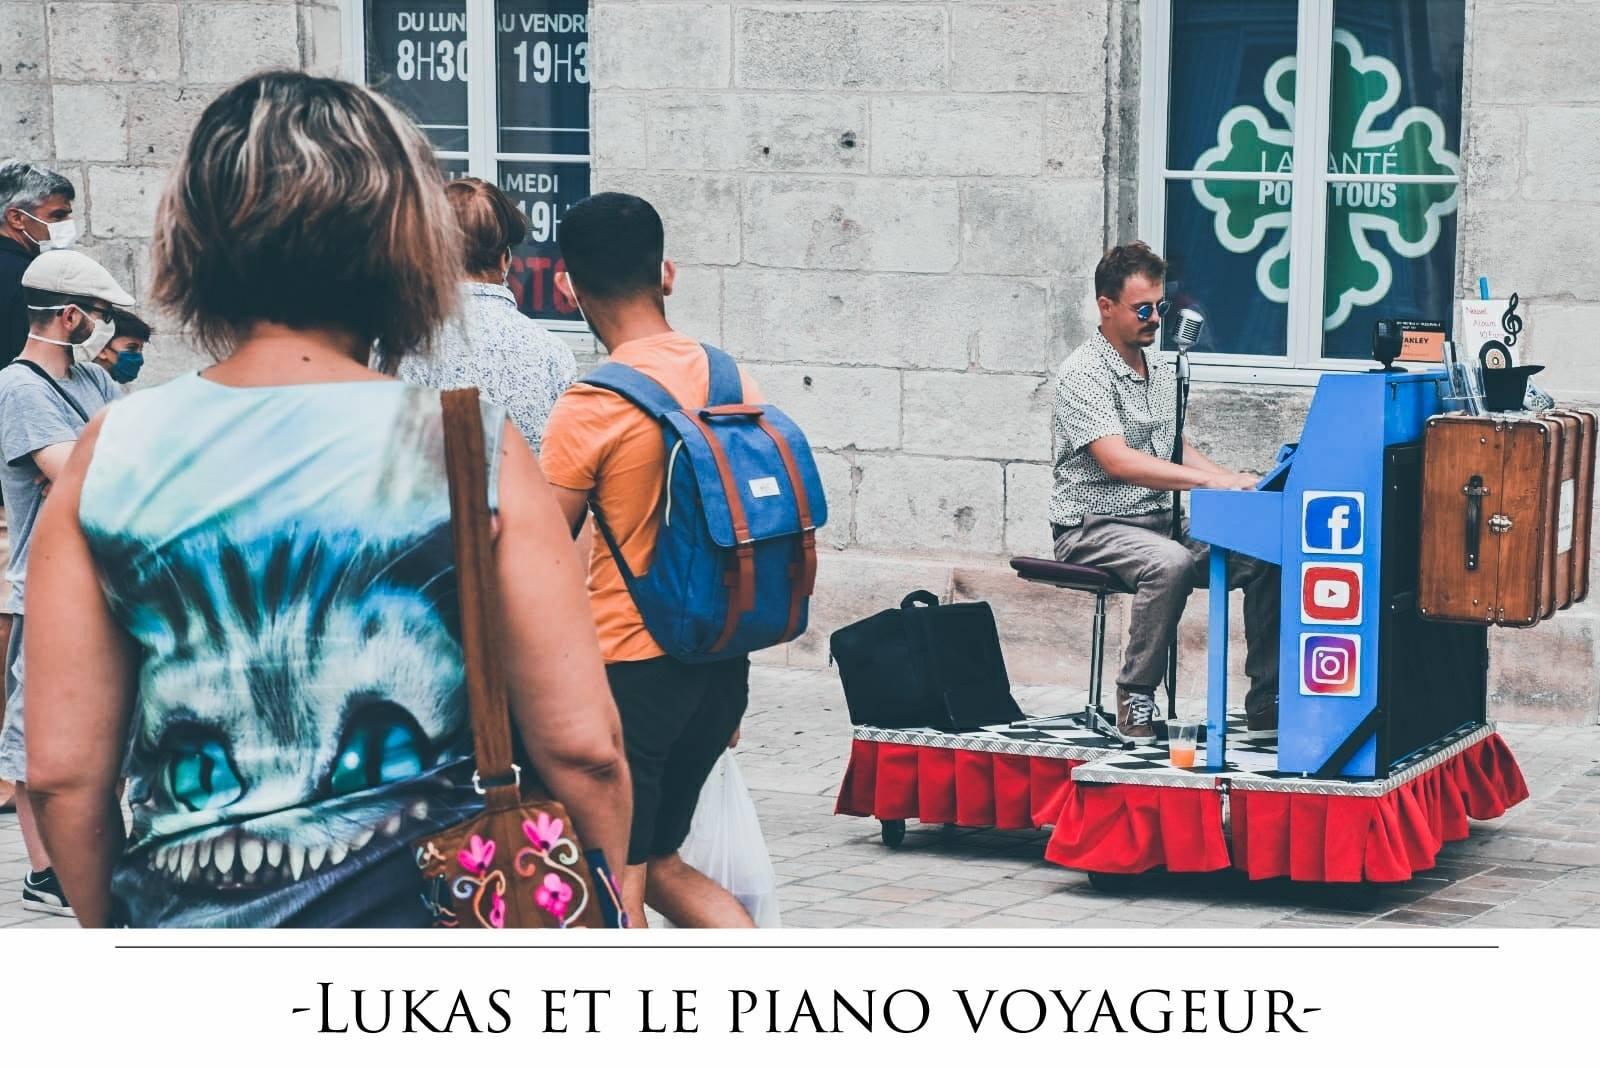 Piano voyageur 2020